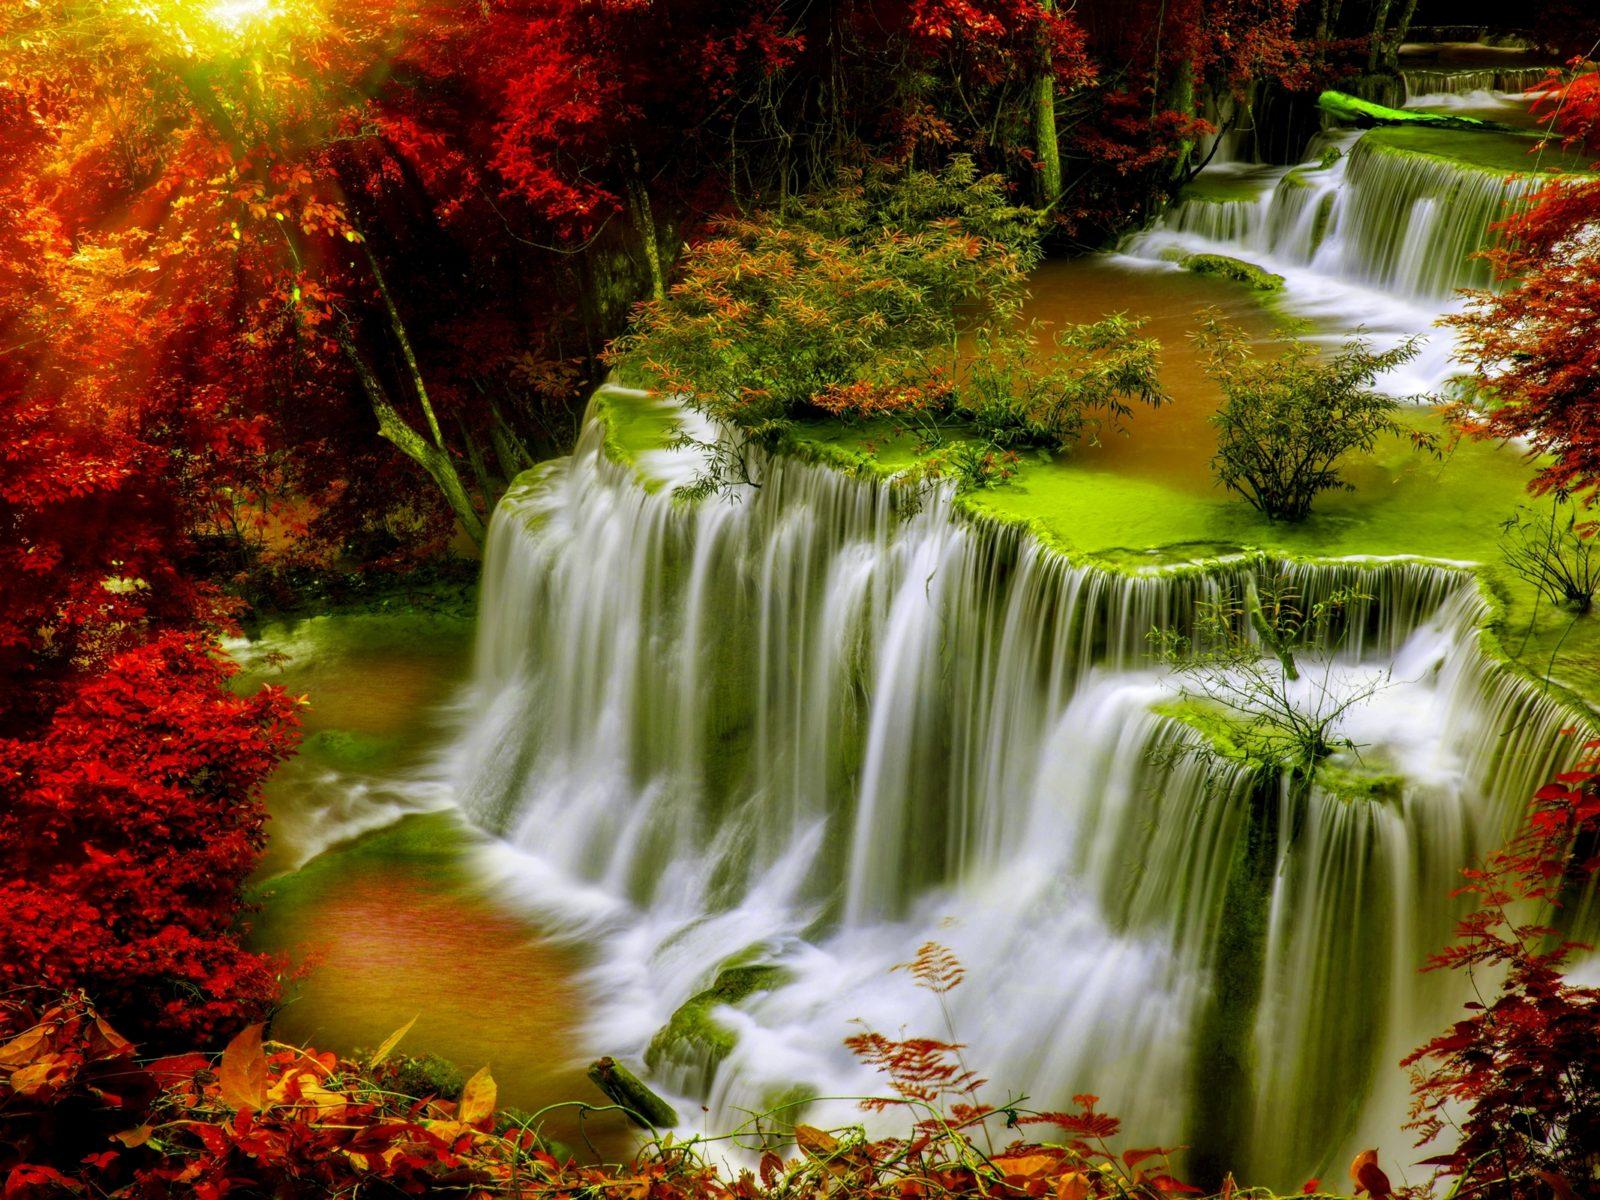 Cascade FallsAutumnforestred leavessunlightDesktop HD